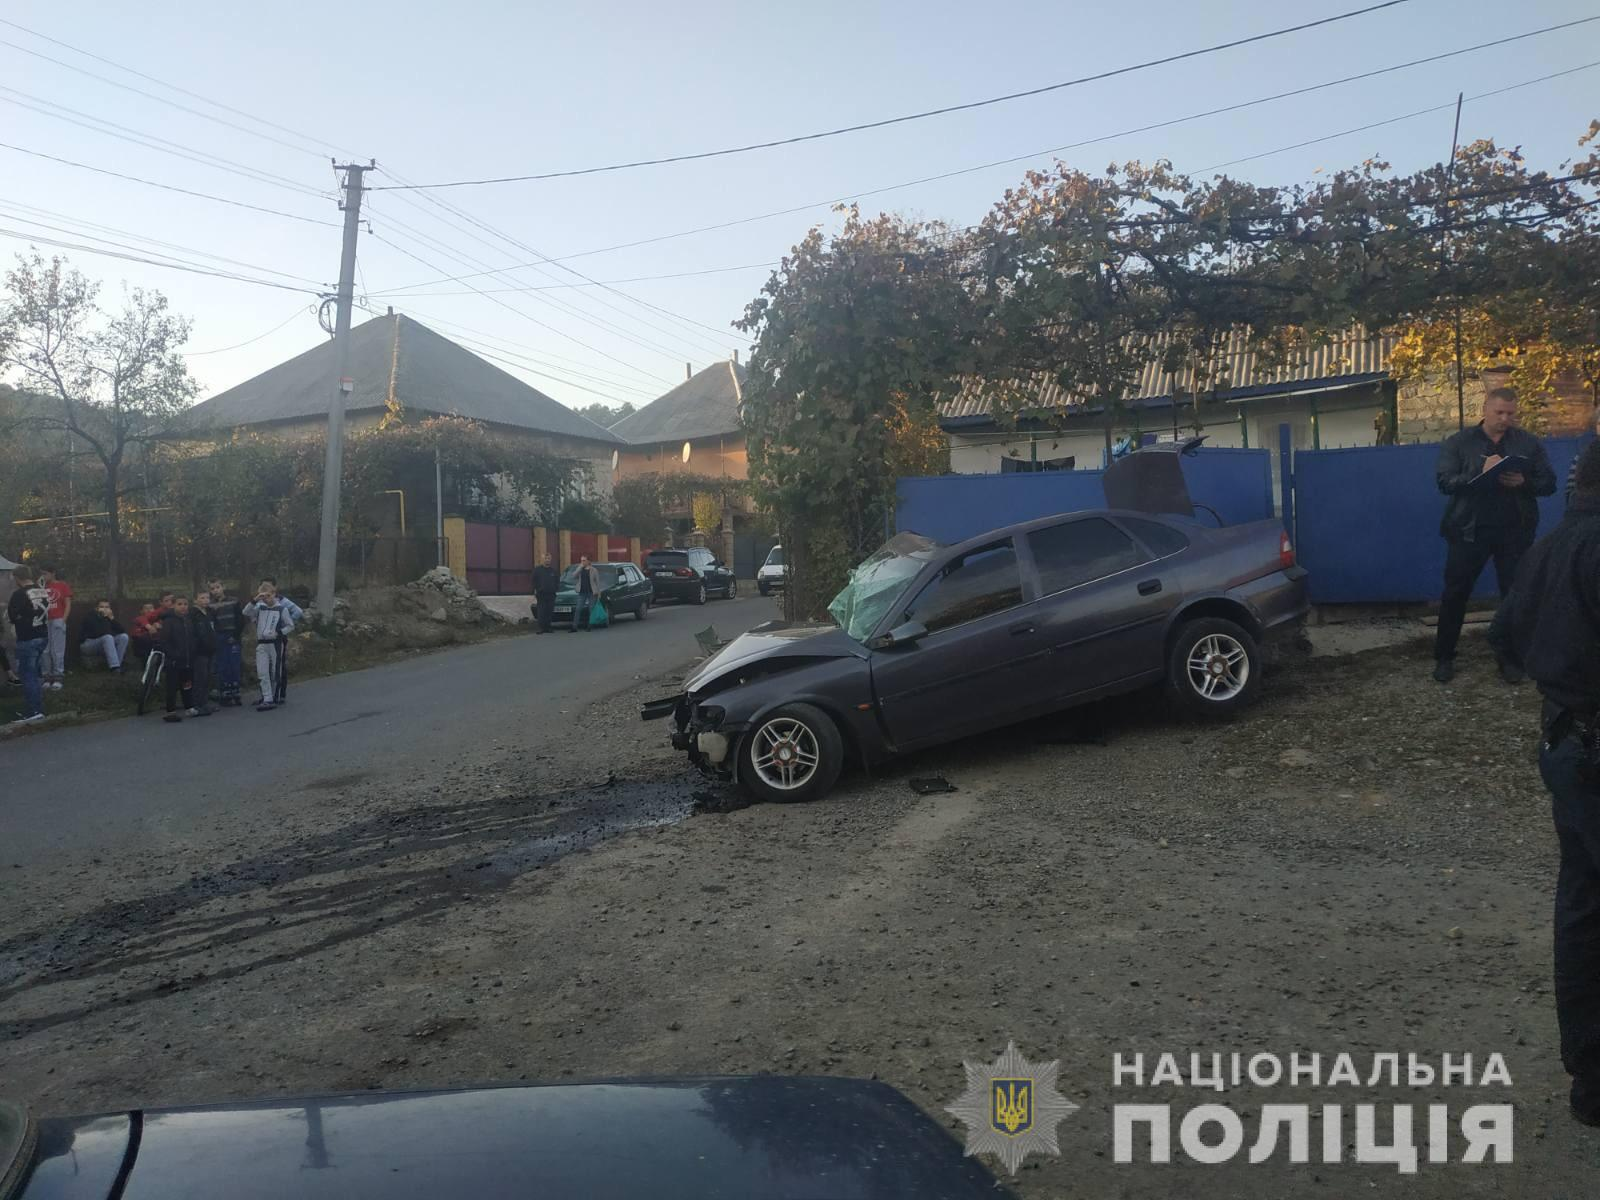 """Хлопець на """"Опелі"""" врізався у паркан: 25-річний пасажир автівки перебуває у важкому стані"""